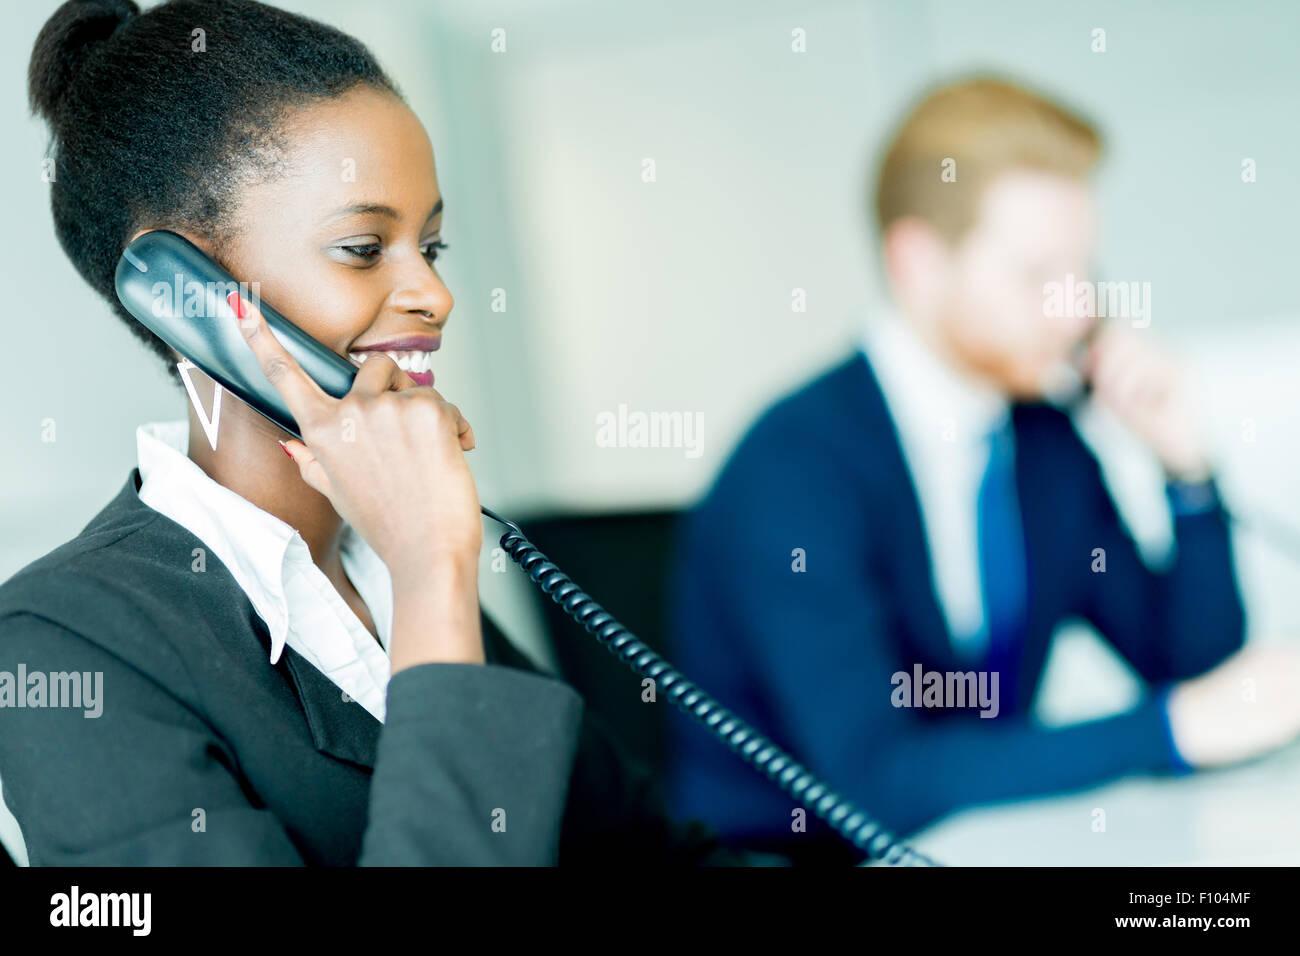 Eine schöne, schwarze, junge Frau arbeitet in einem Callcenter in einem Büro mit ihrem roten Haird Partner Stockbild